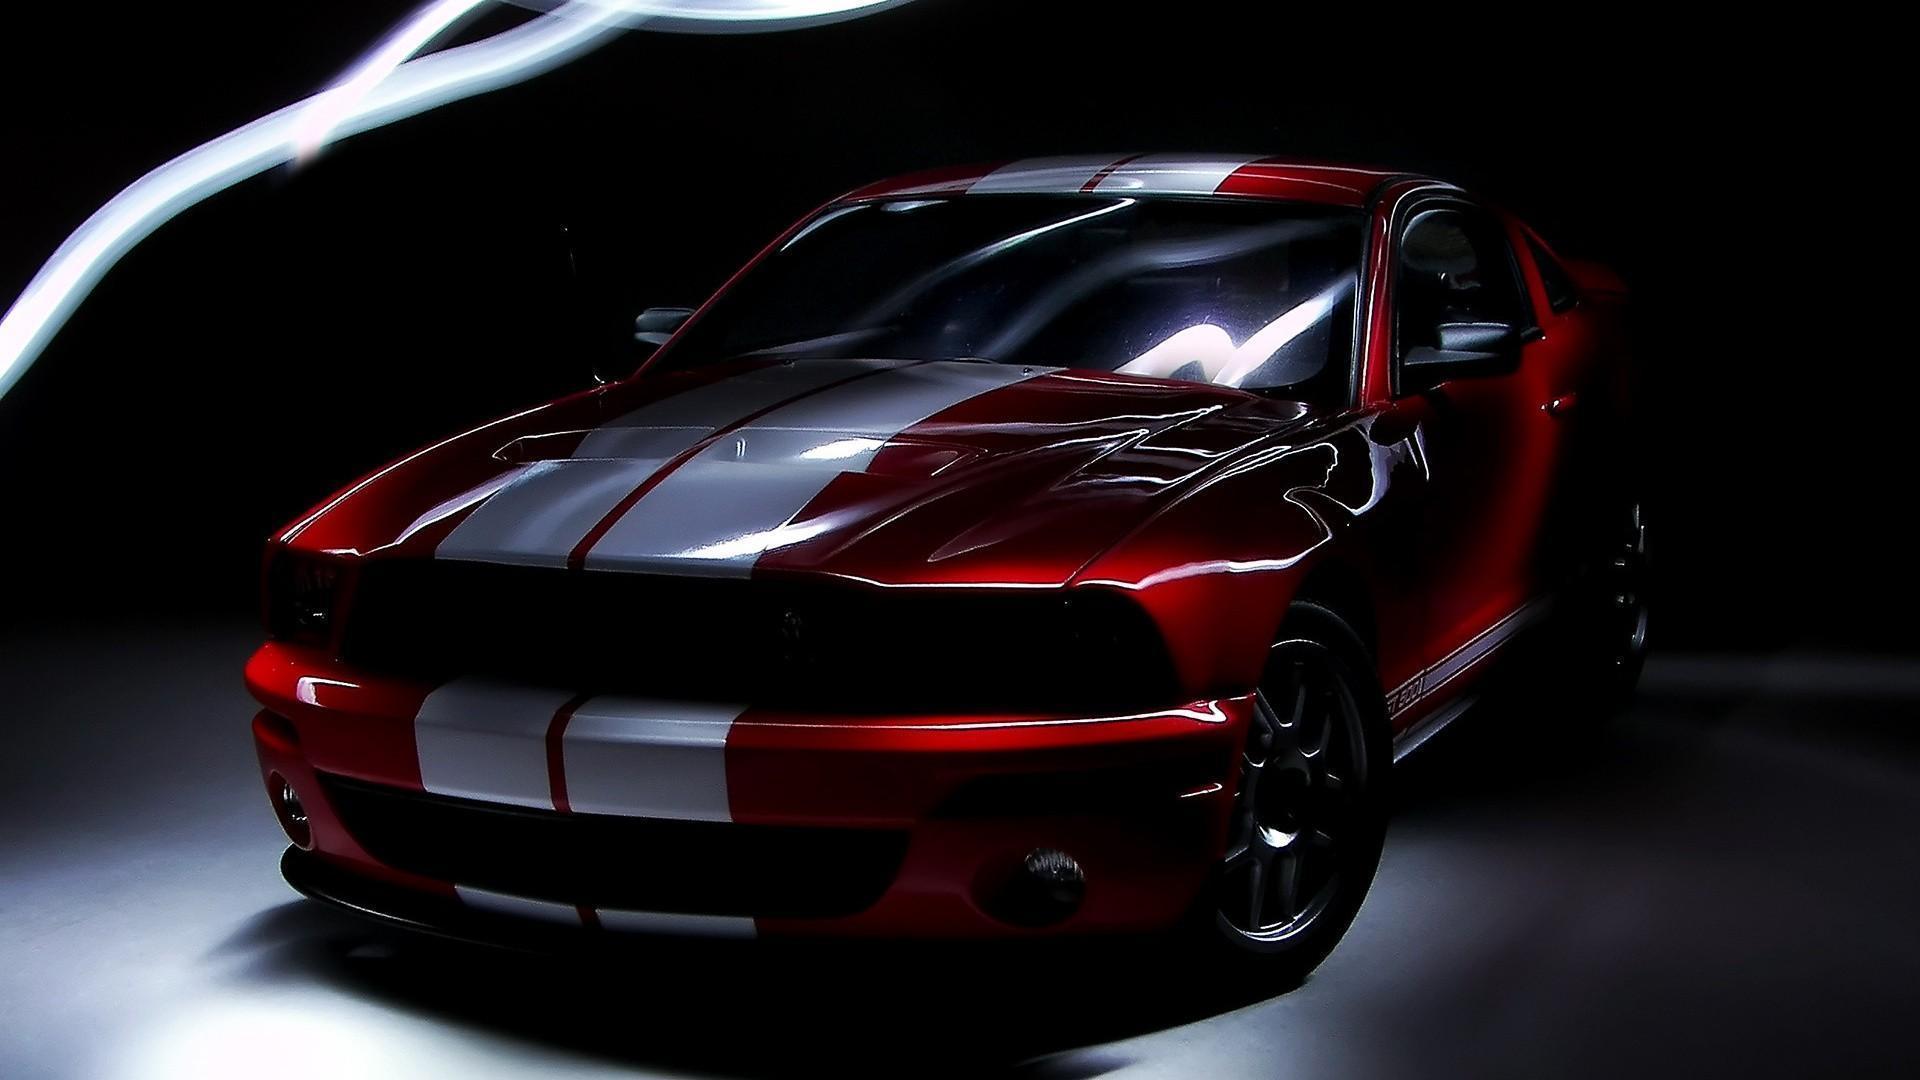 Mustang GT500 Wallpapers  Wallpaper Cave